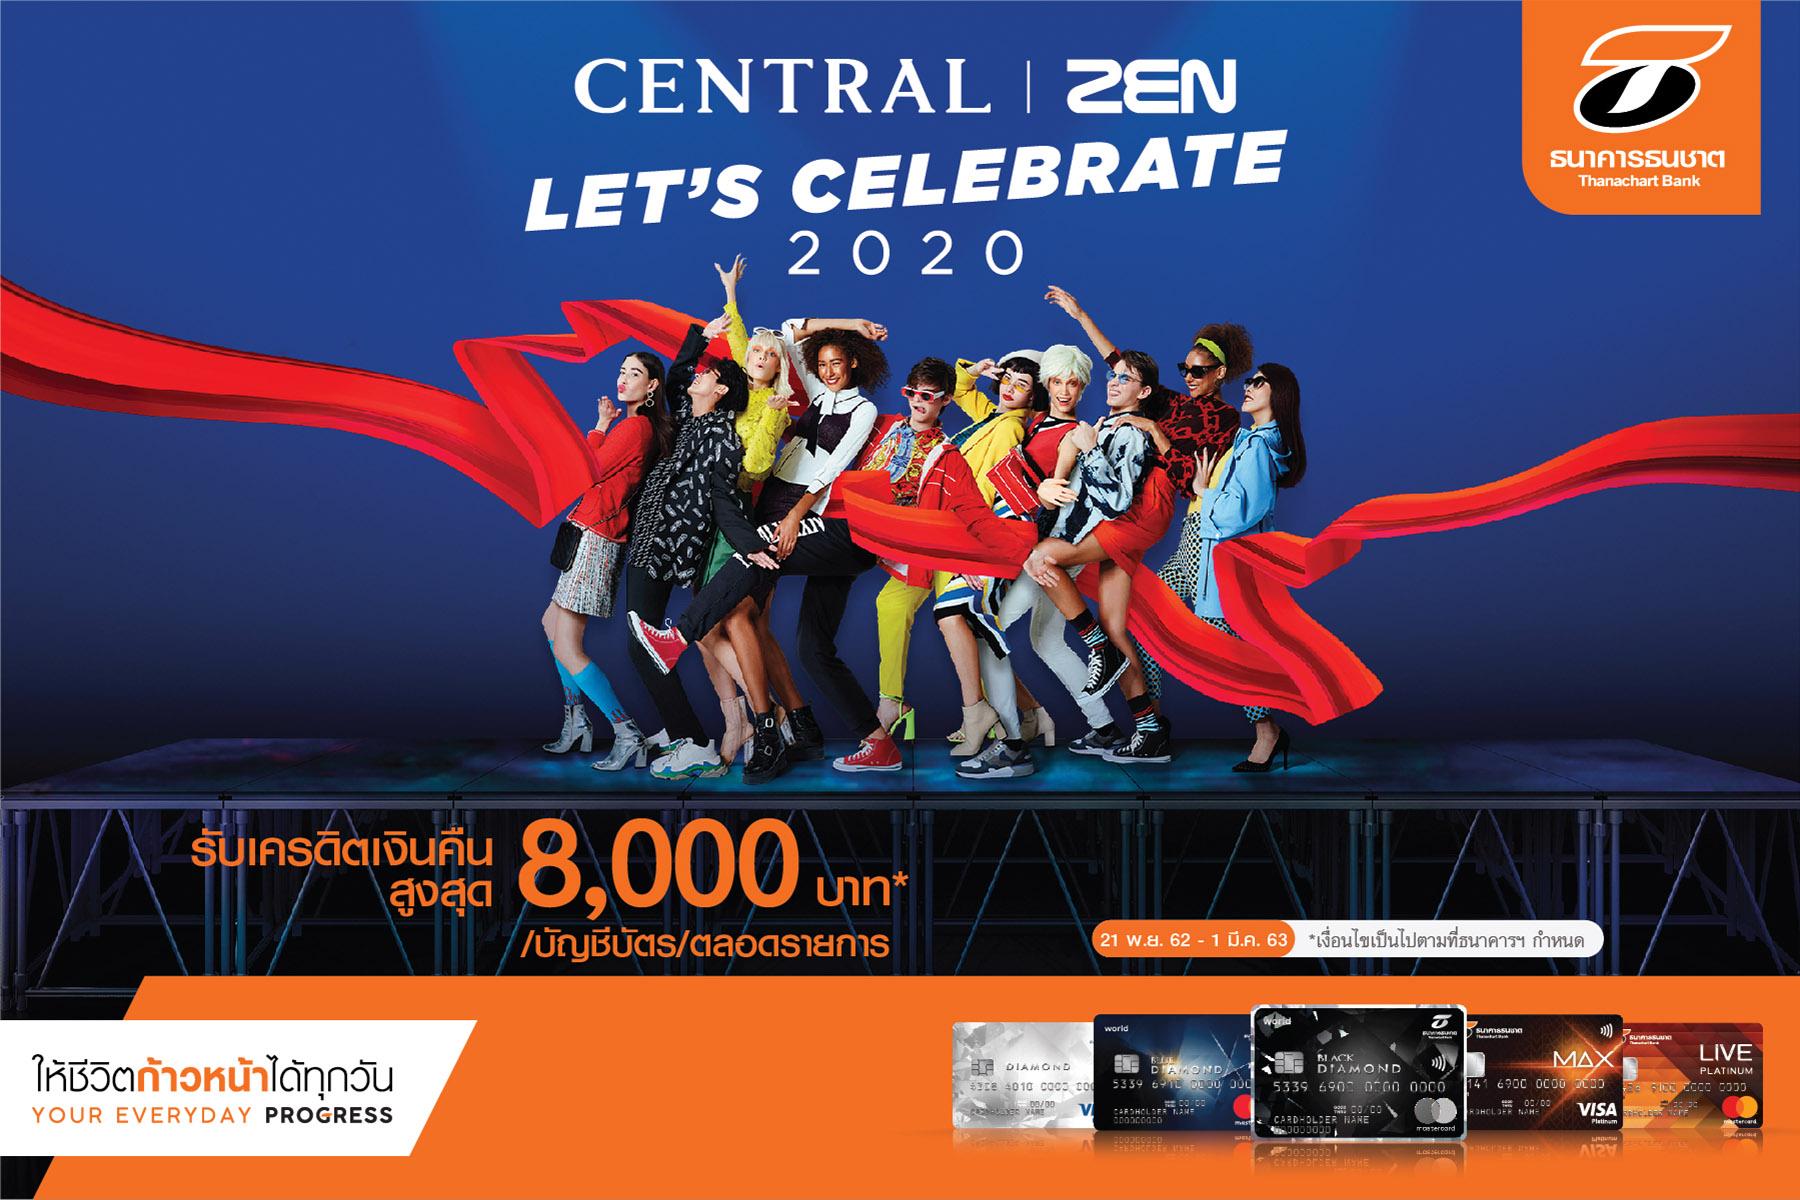 ลูกค้าบัตรเครดิตธนชาต รับเครดิตเงินคืน 2 ต่อ สูงสุด 8,000 บาท ที่ห้างสรรพสินค้าเซ็นทรัลทุกสาขา และ CENTRAL@Central World